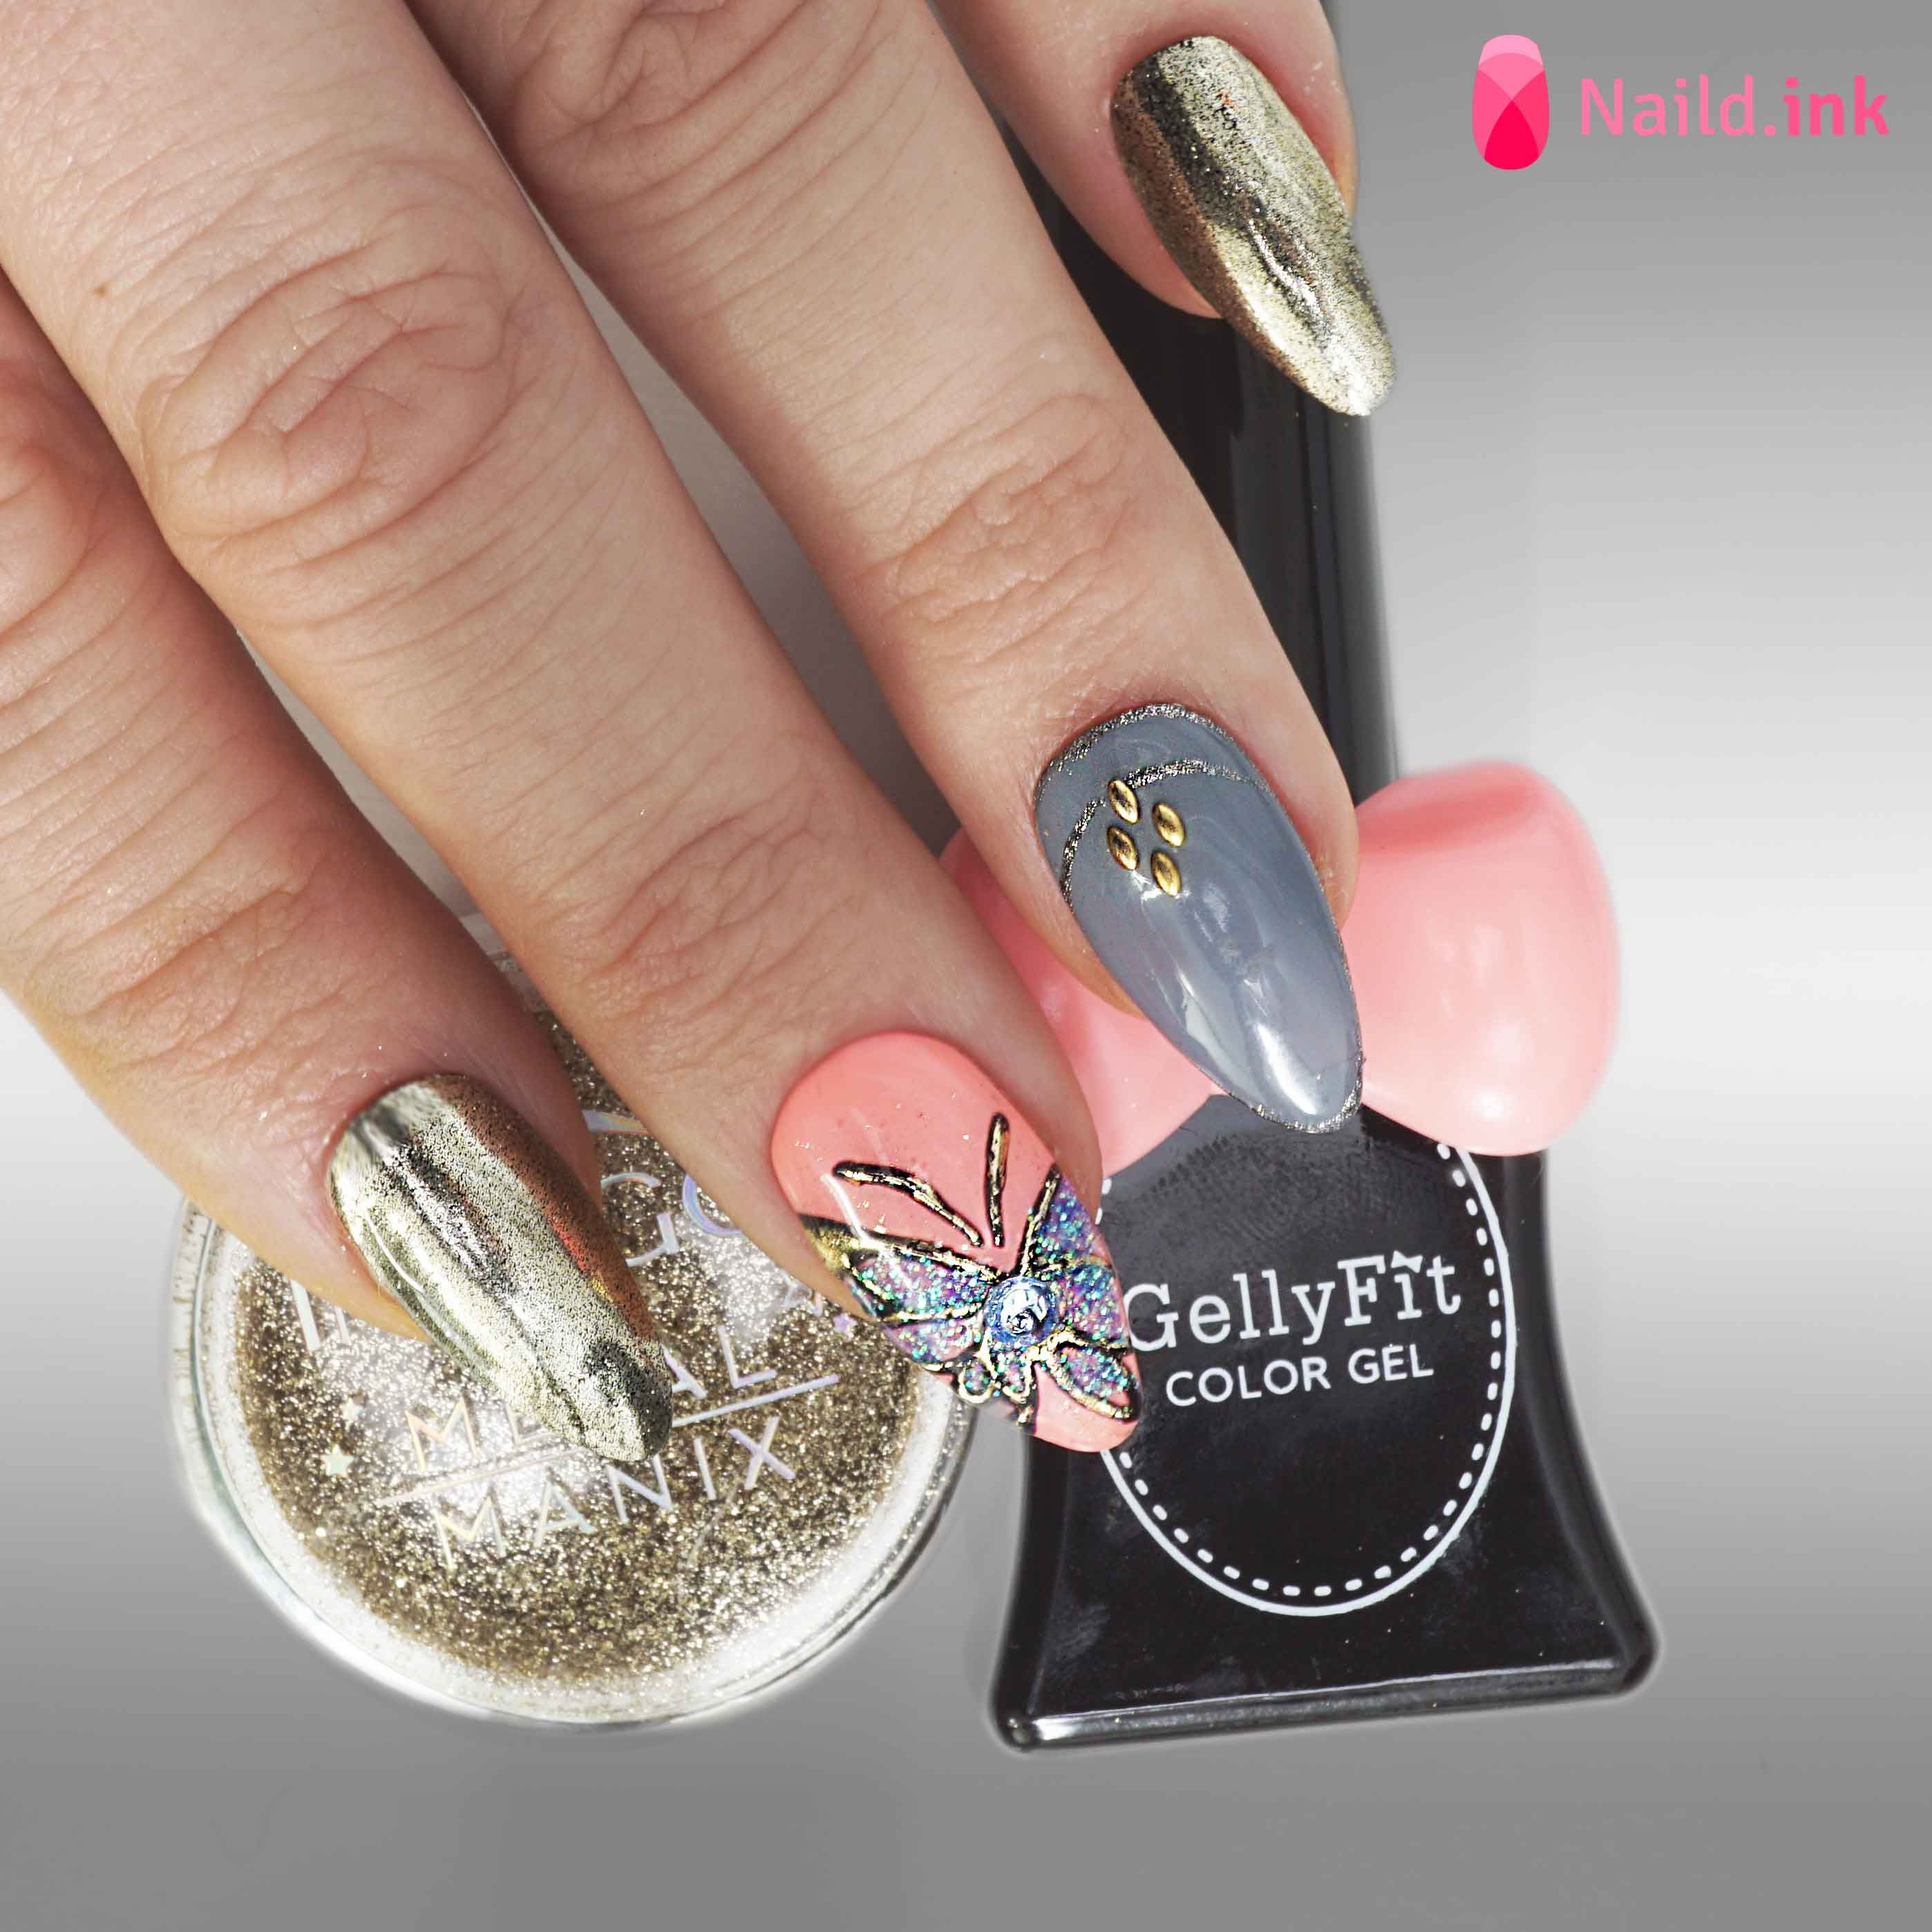 Pin by Naild.Ink on GellyFit SA Designs | Pinterest | Trendy nail ...